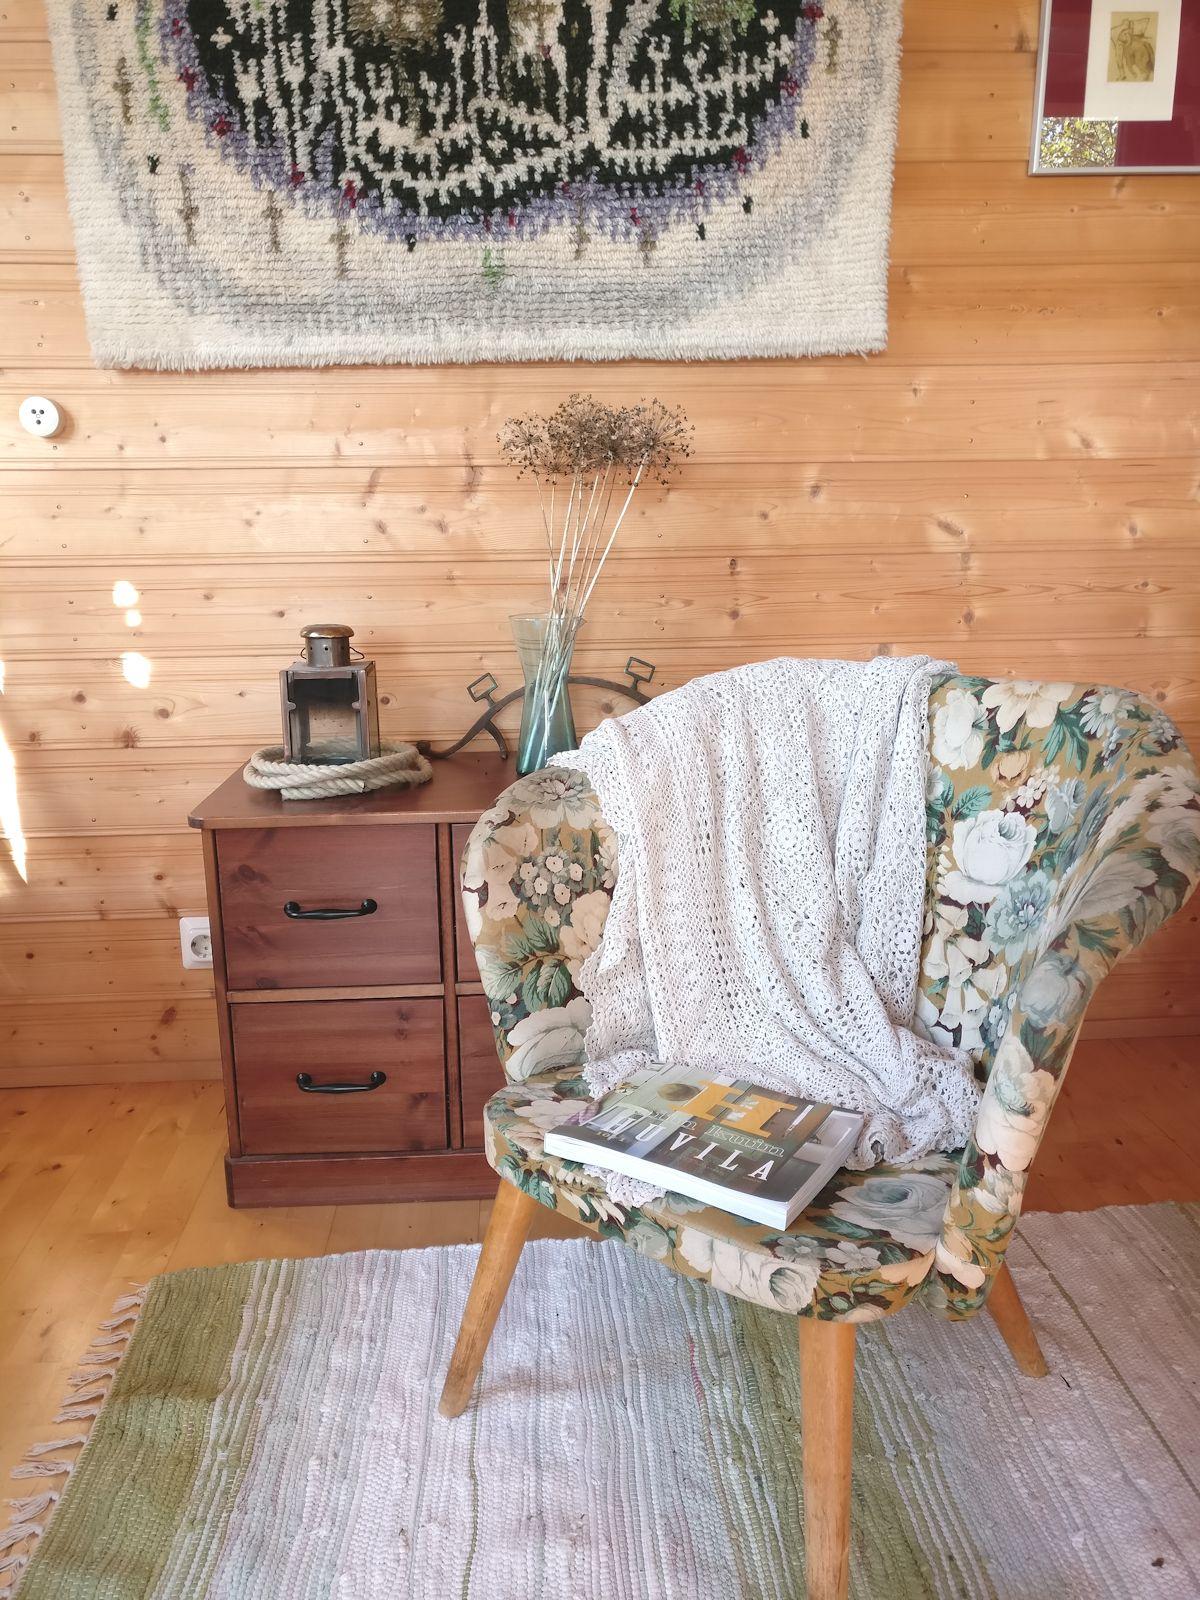 Pikkuinen nojatuoli kukallisella kankaalla.